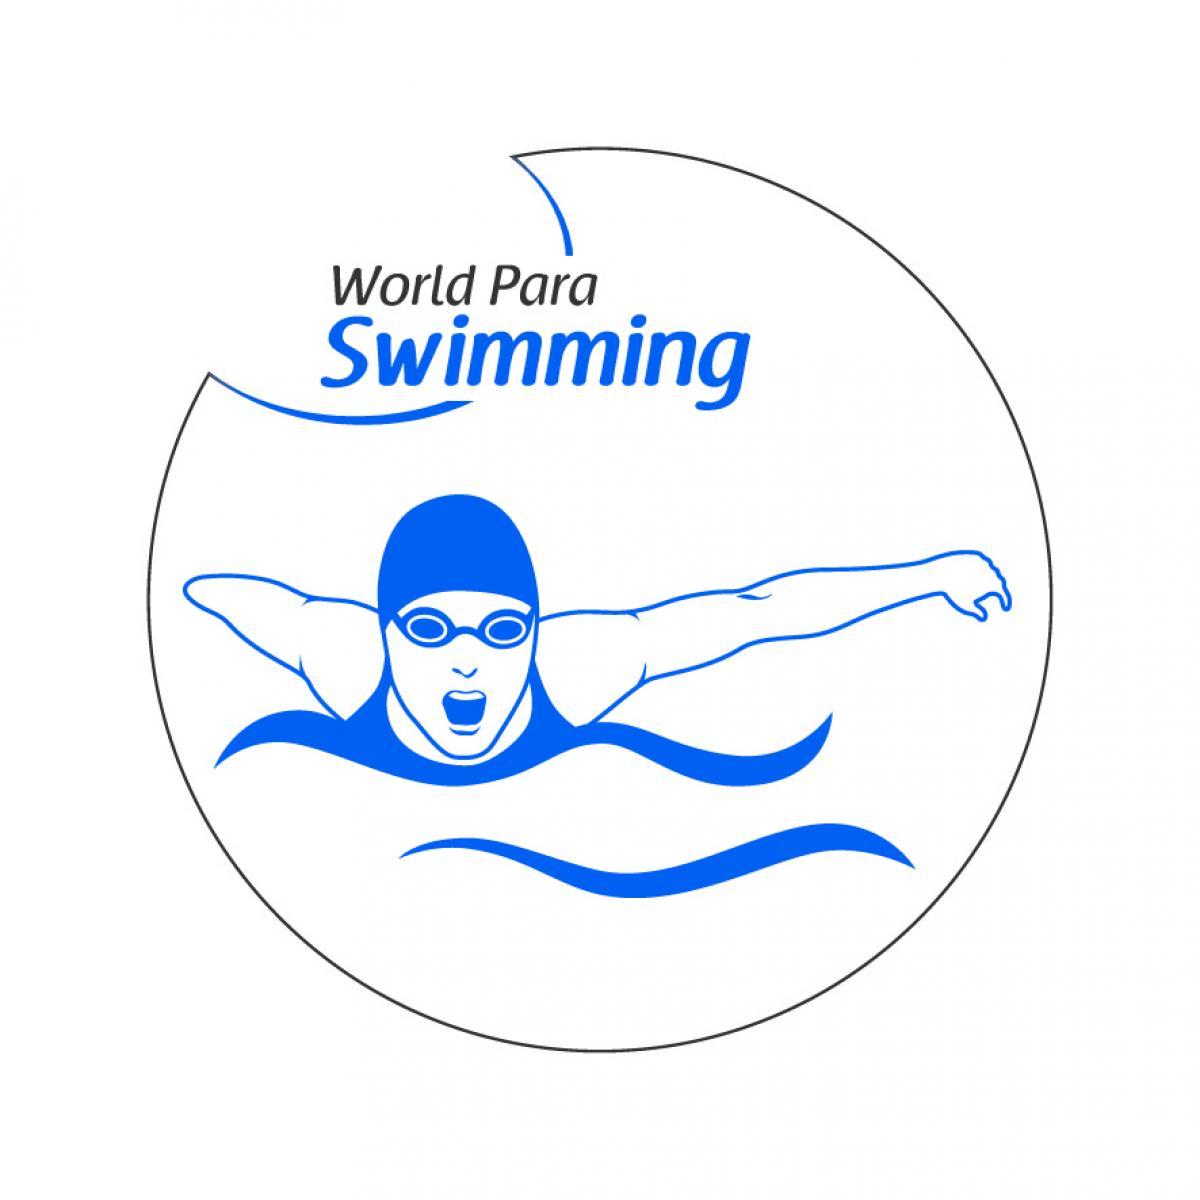 Всемирное Пара Плавание проведет телефонные конференции с НПК для обсуждения вопросов влияния пандемии коронавирусной инфекции на спорт и возвращения к прежним условиям проведения соревнований и тренировок